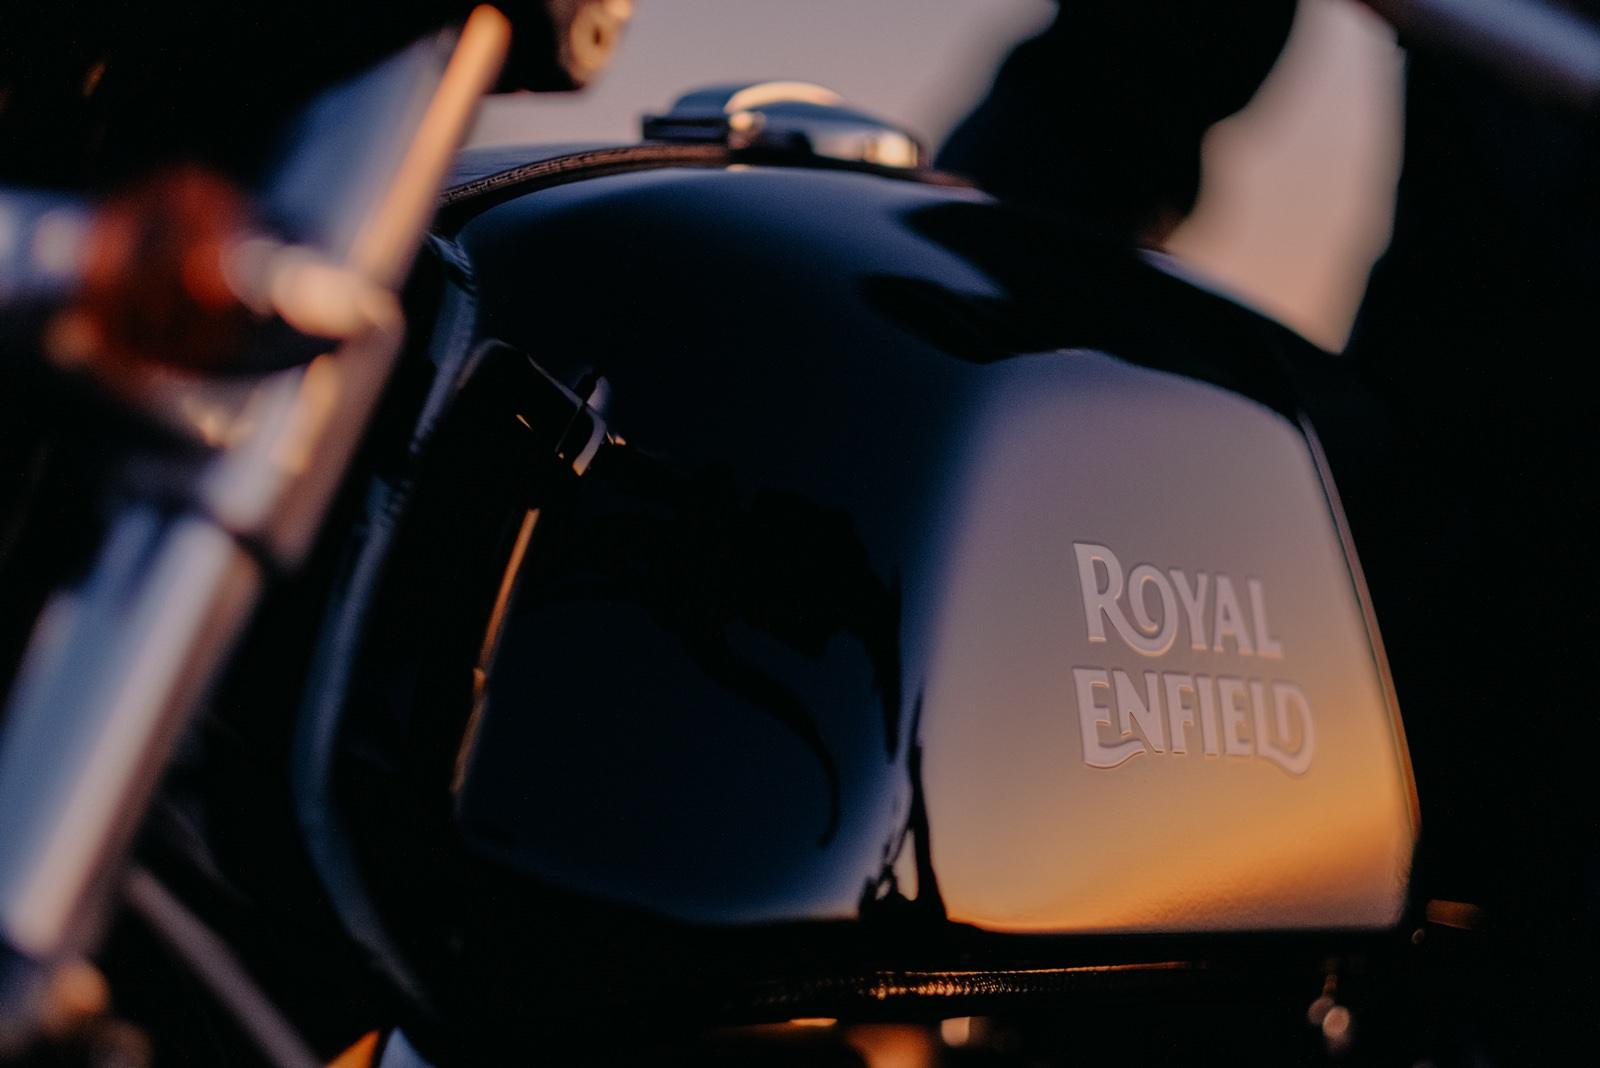 Fotógrafo de moda Portugal Royal Enfield Porto